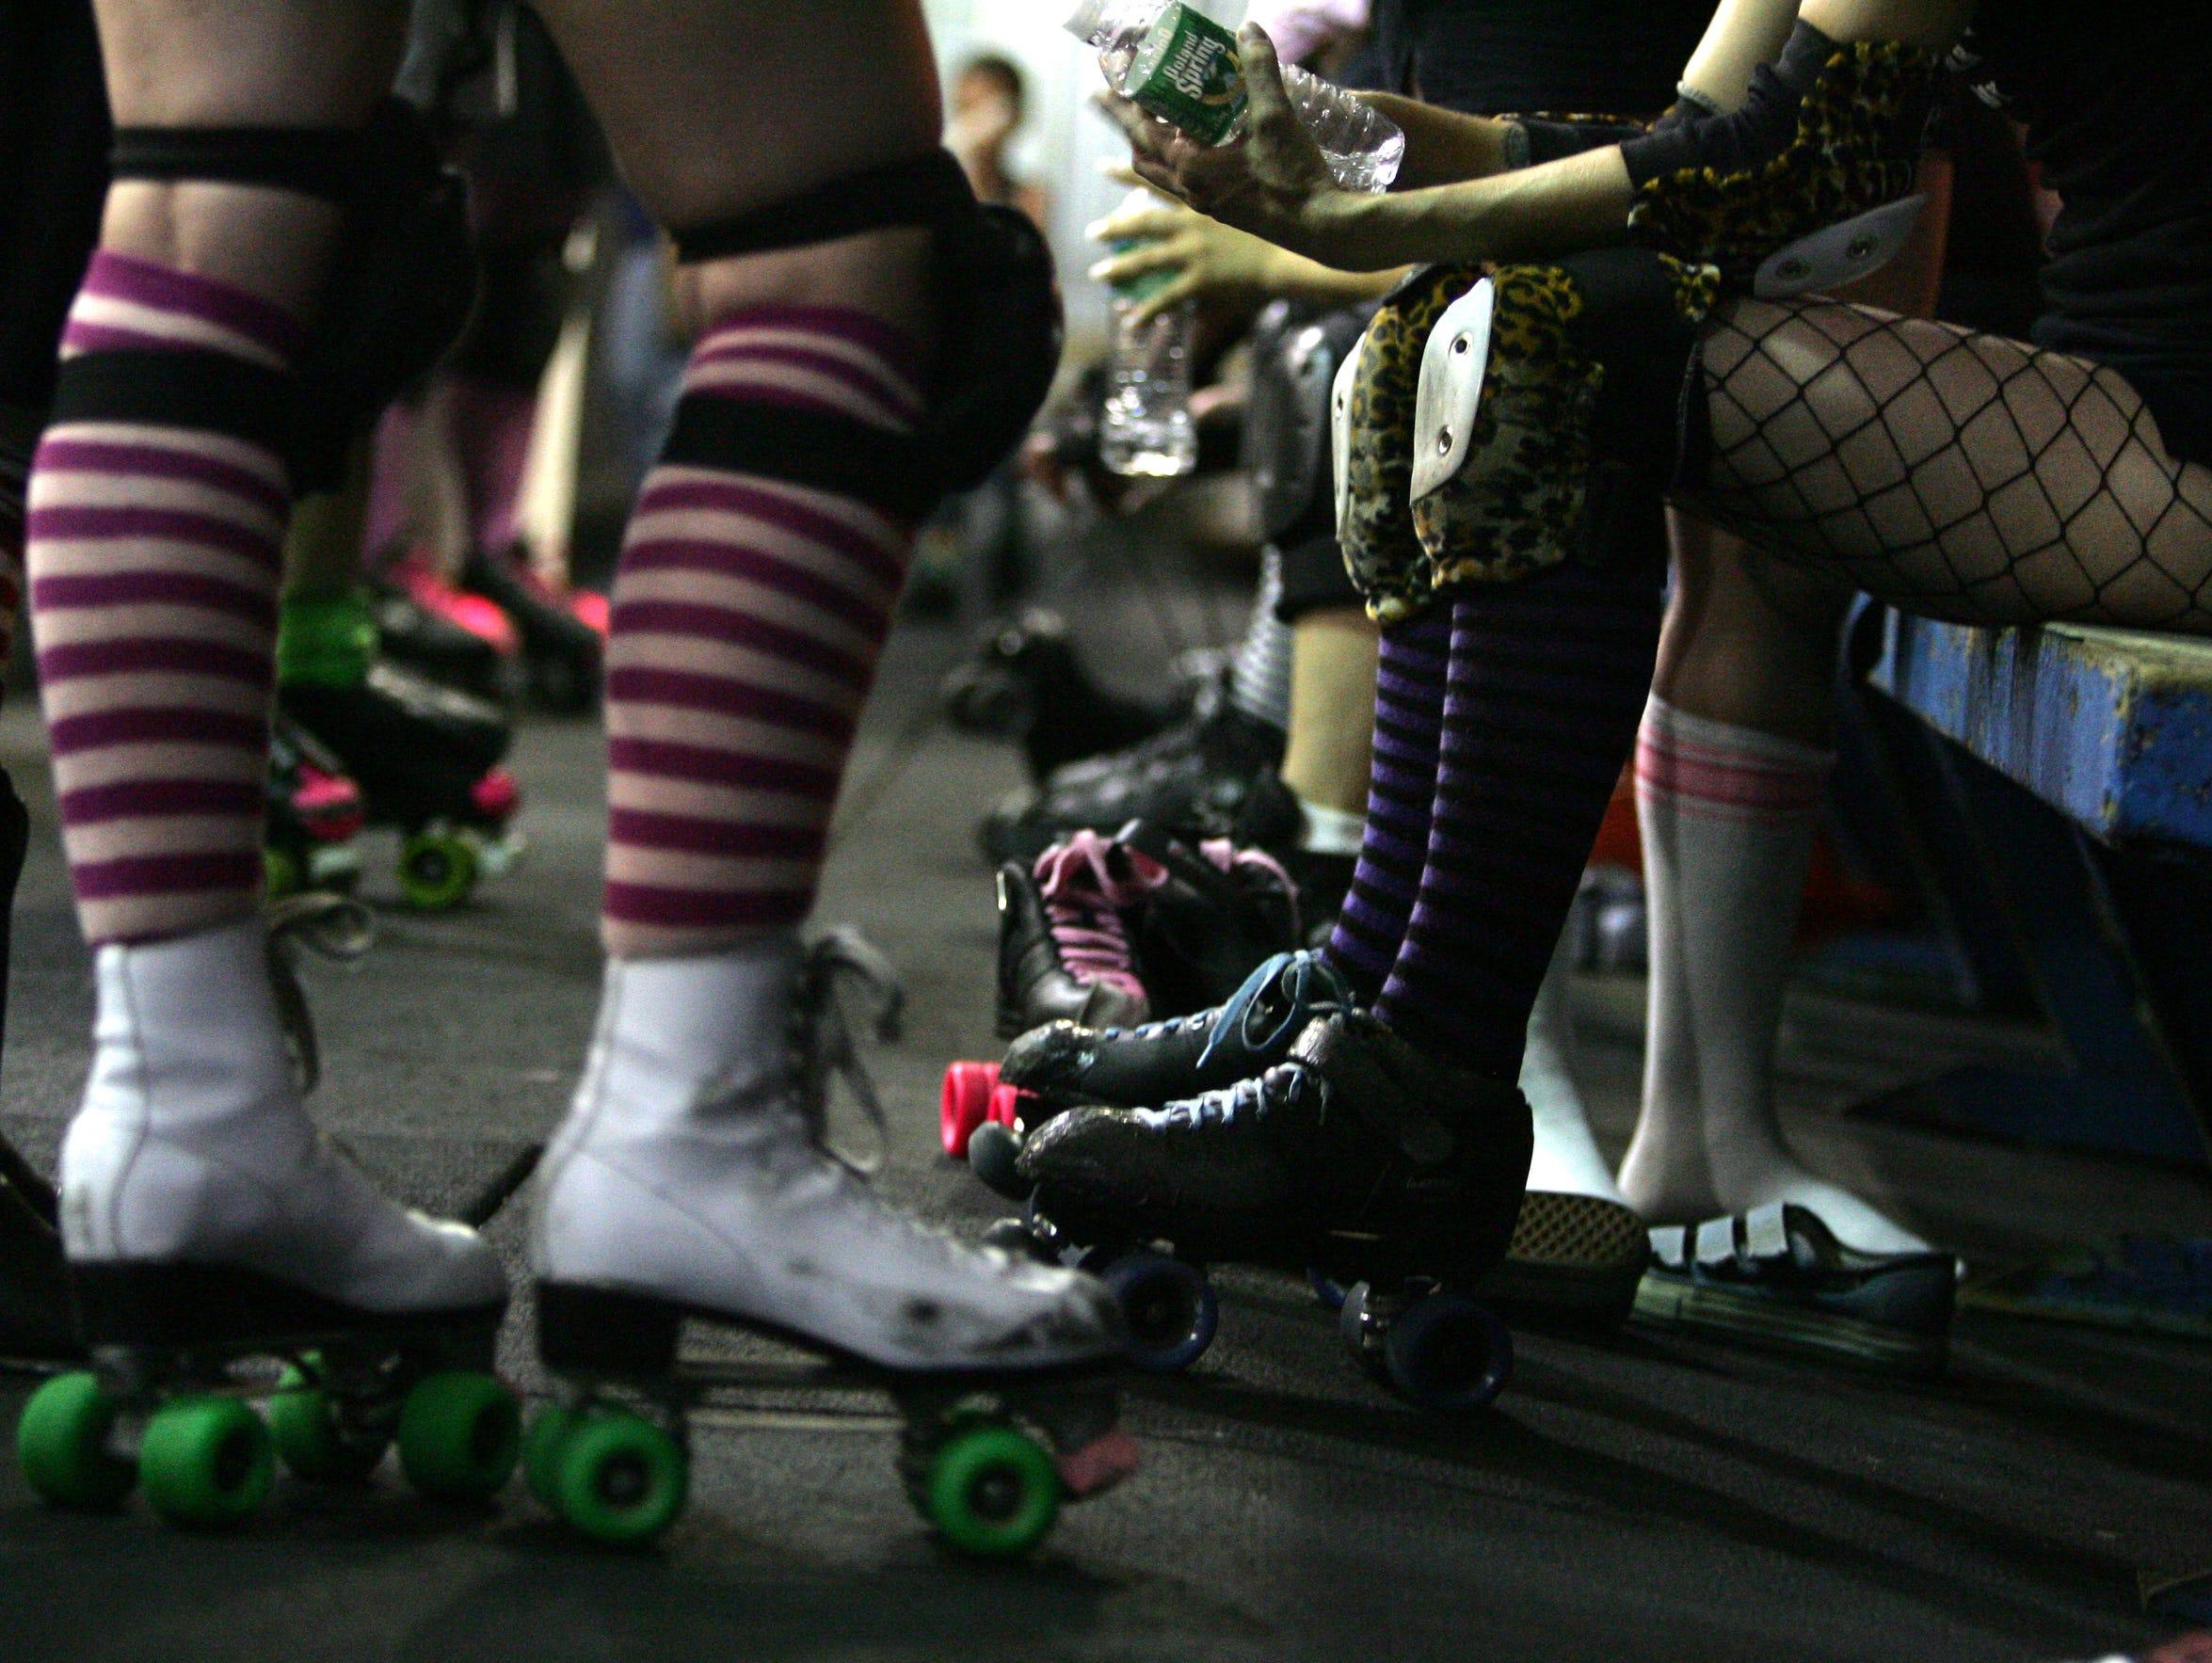 Roller skating rink westchester - Talk Derby To Me